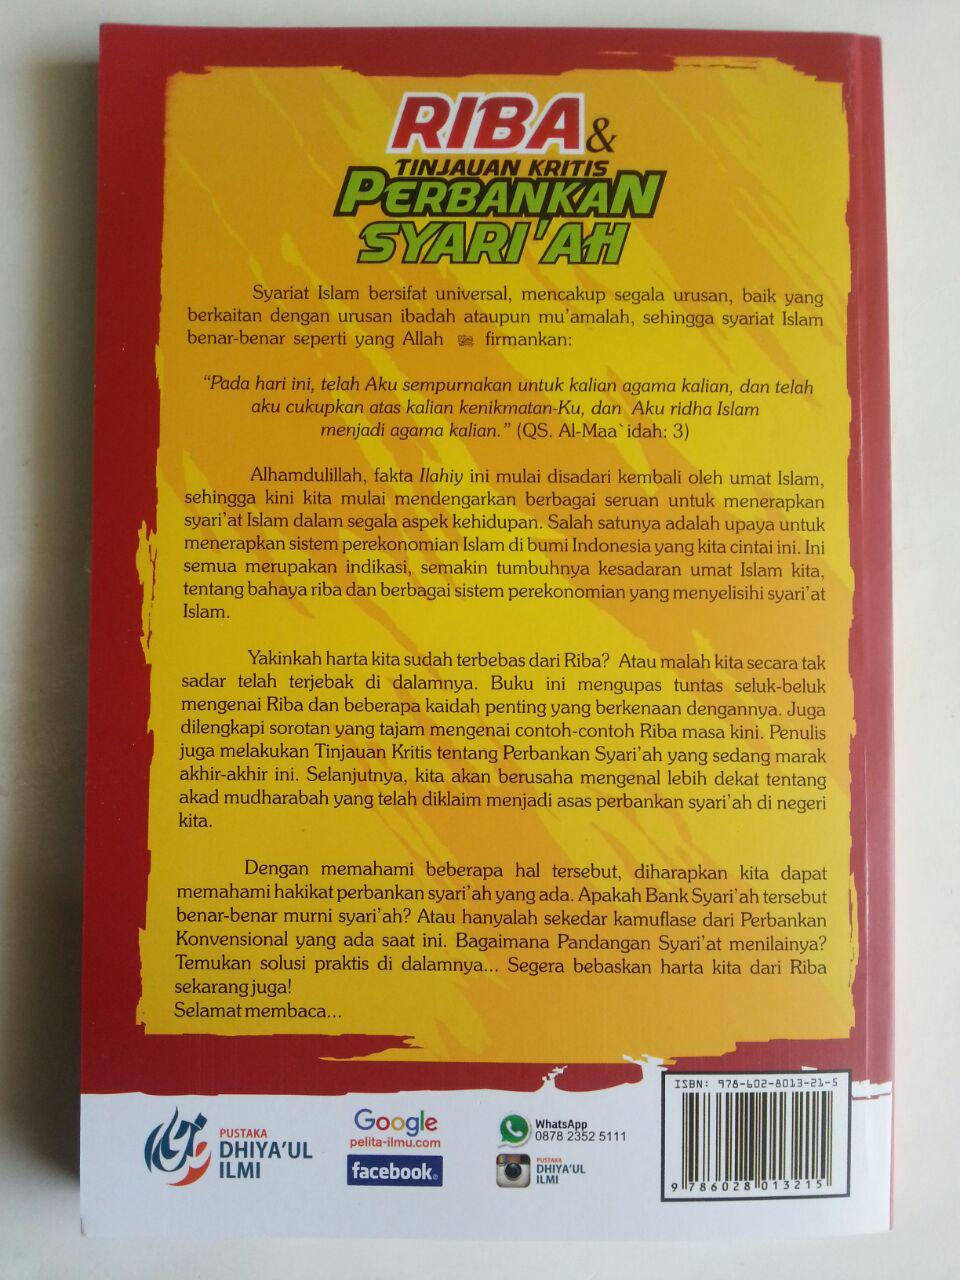 Buku Riba Dan Tinjauan Kritis Perbankan Syariah Penjelasan Riba cover